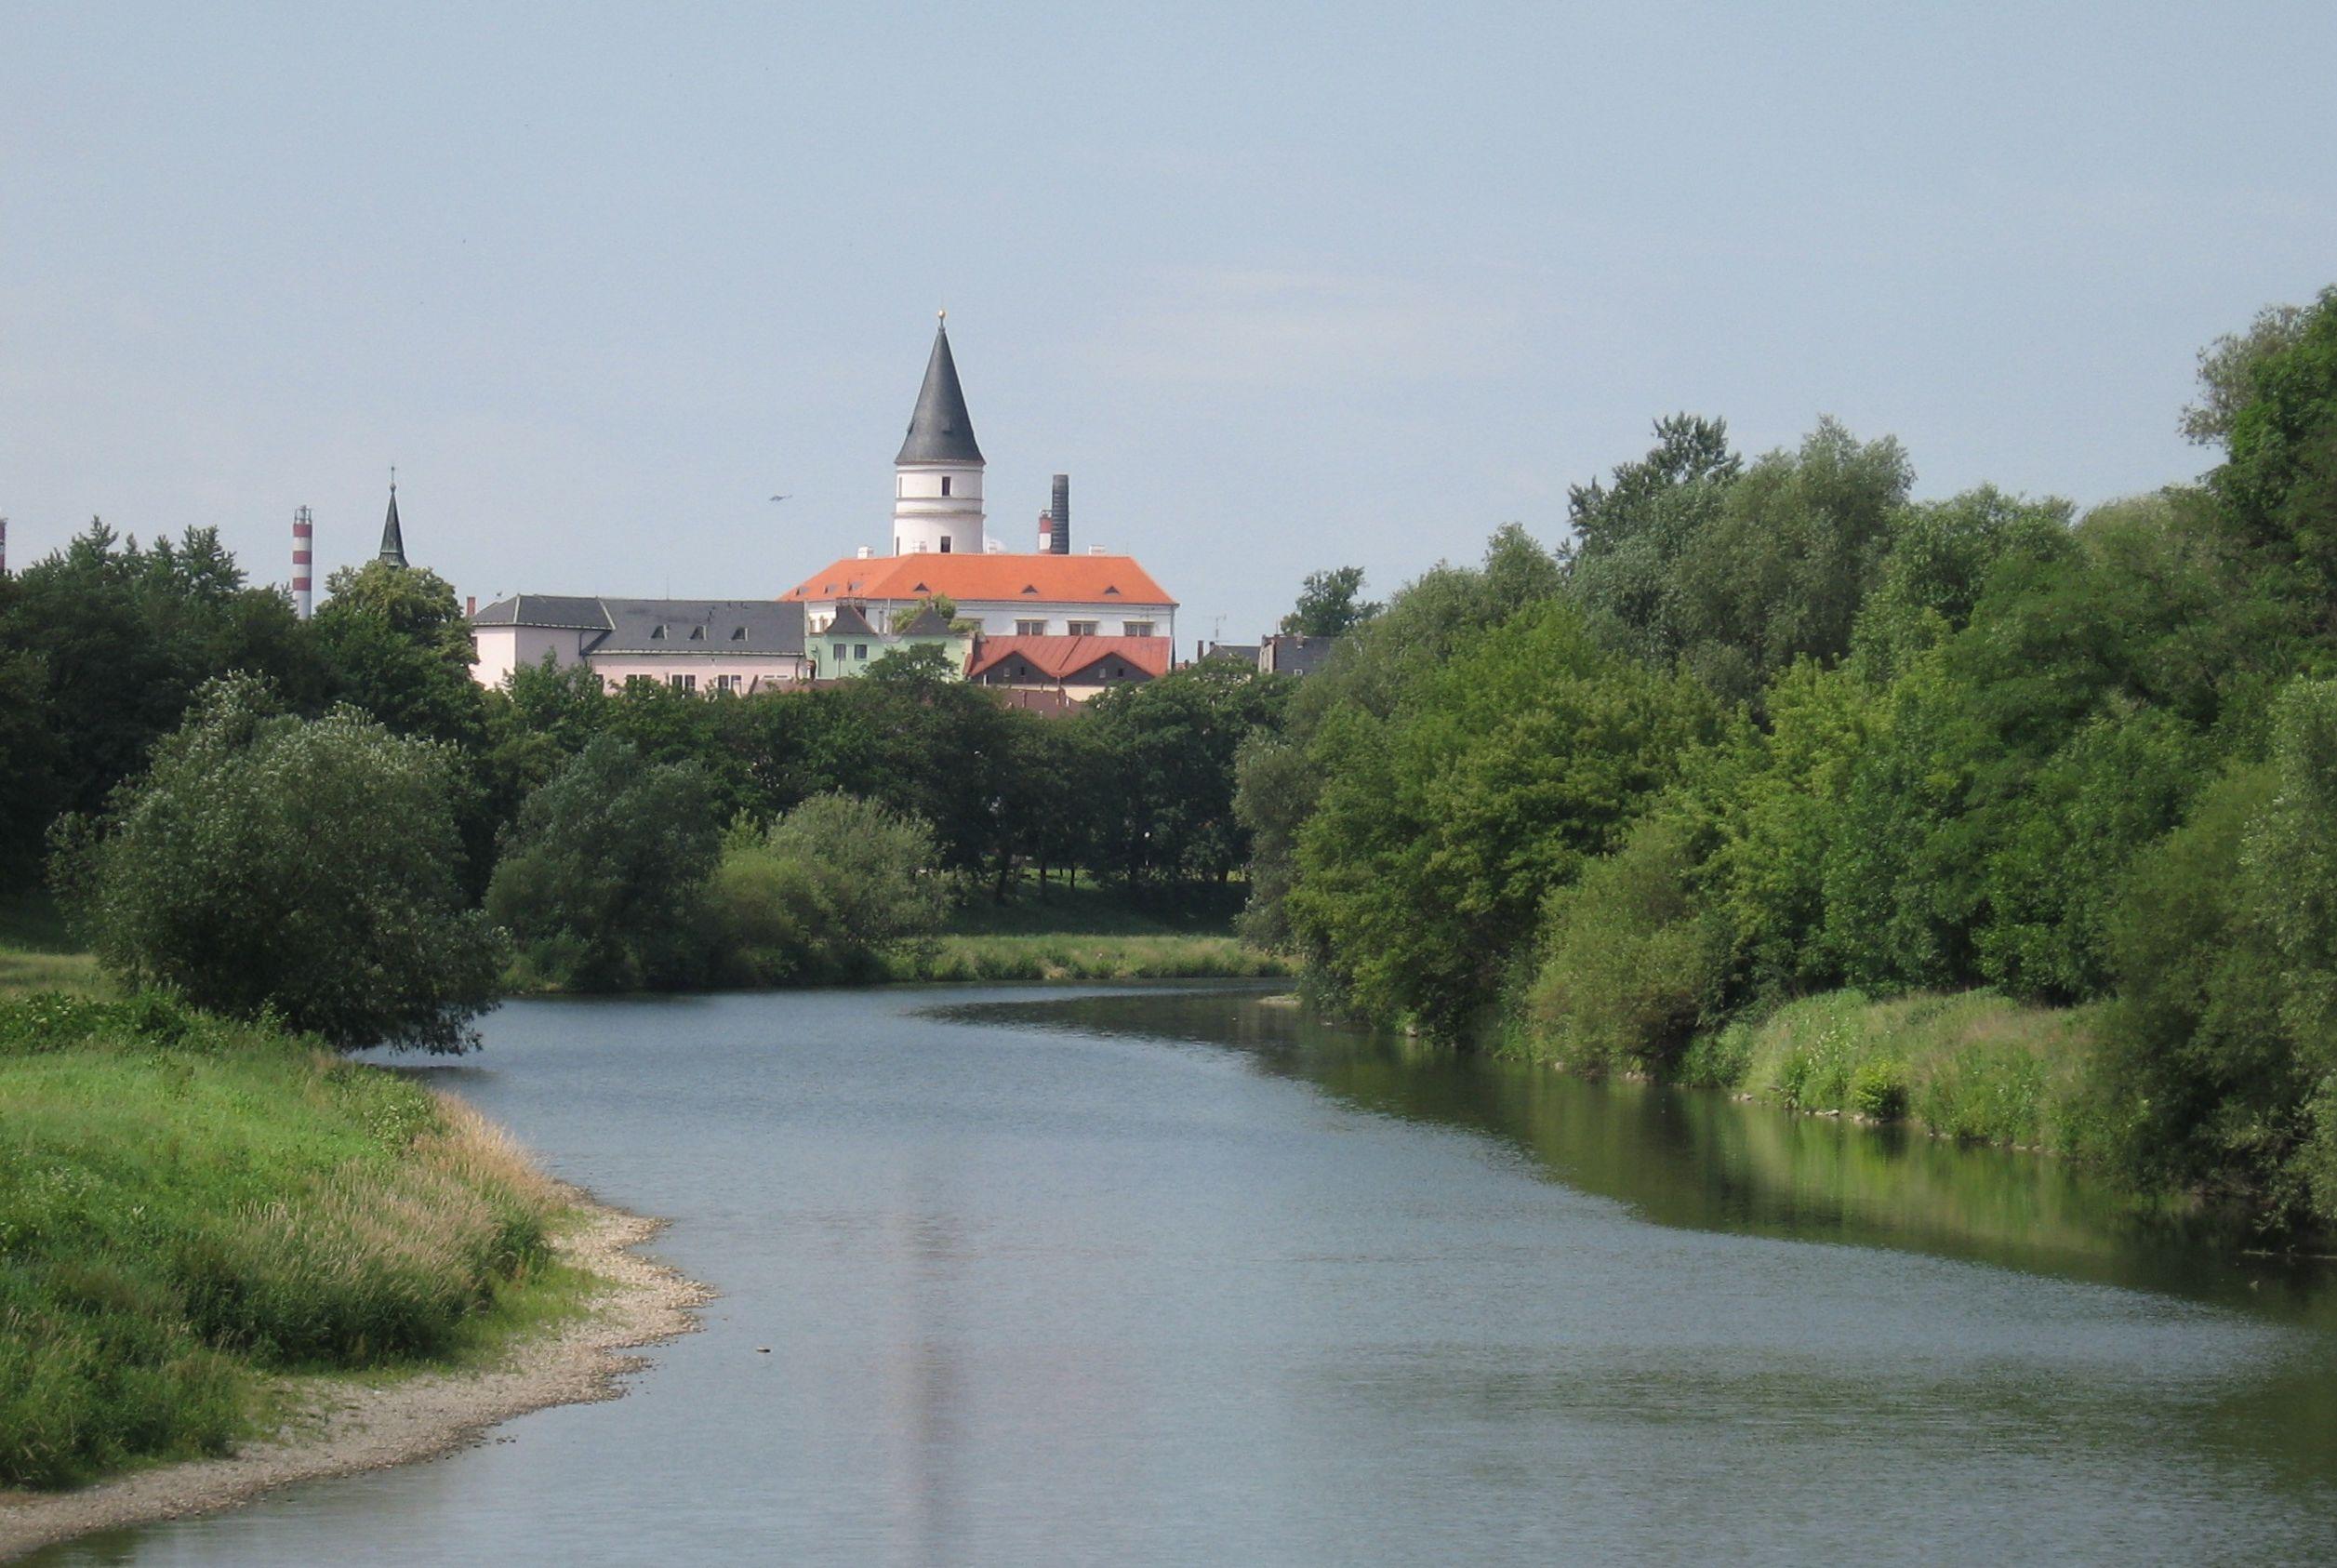 158 Řeka a zámek (Přerov), obrázek se otevře v novém okně